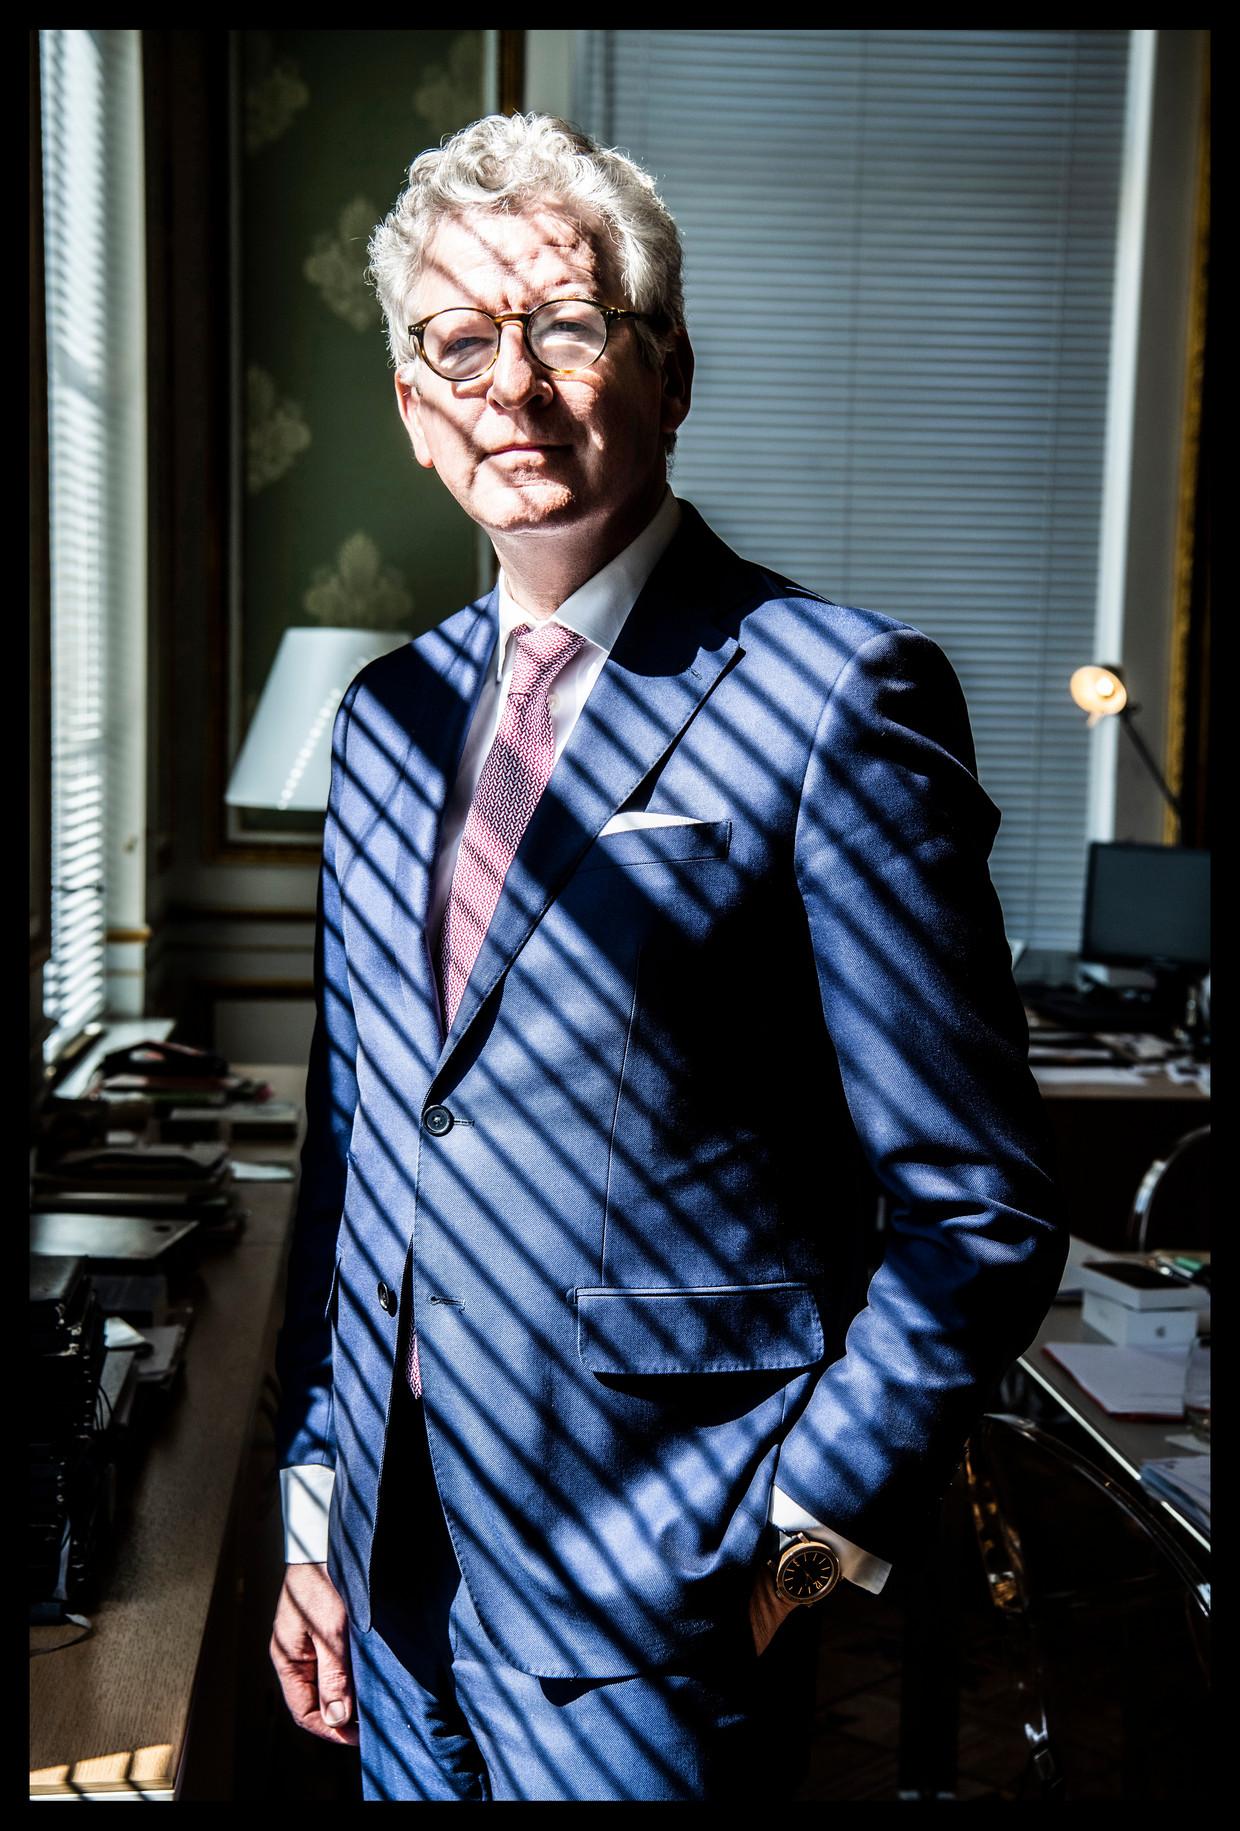 Pieter De Crem: 'Het is gedaan met besparen op onze gezondheidszorg. Iedereen heeft nu gezien hoe belangrijk die is.' Beeld Saskia Vanderstichele